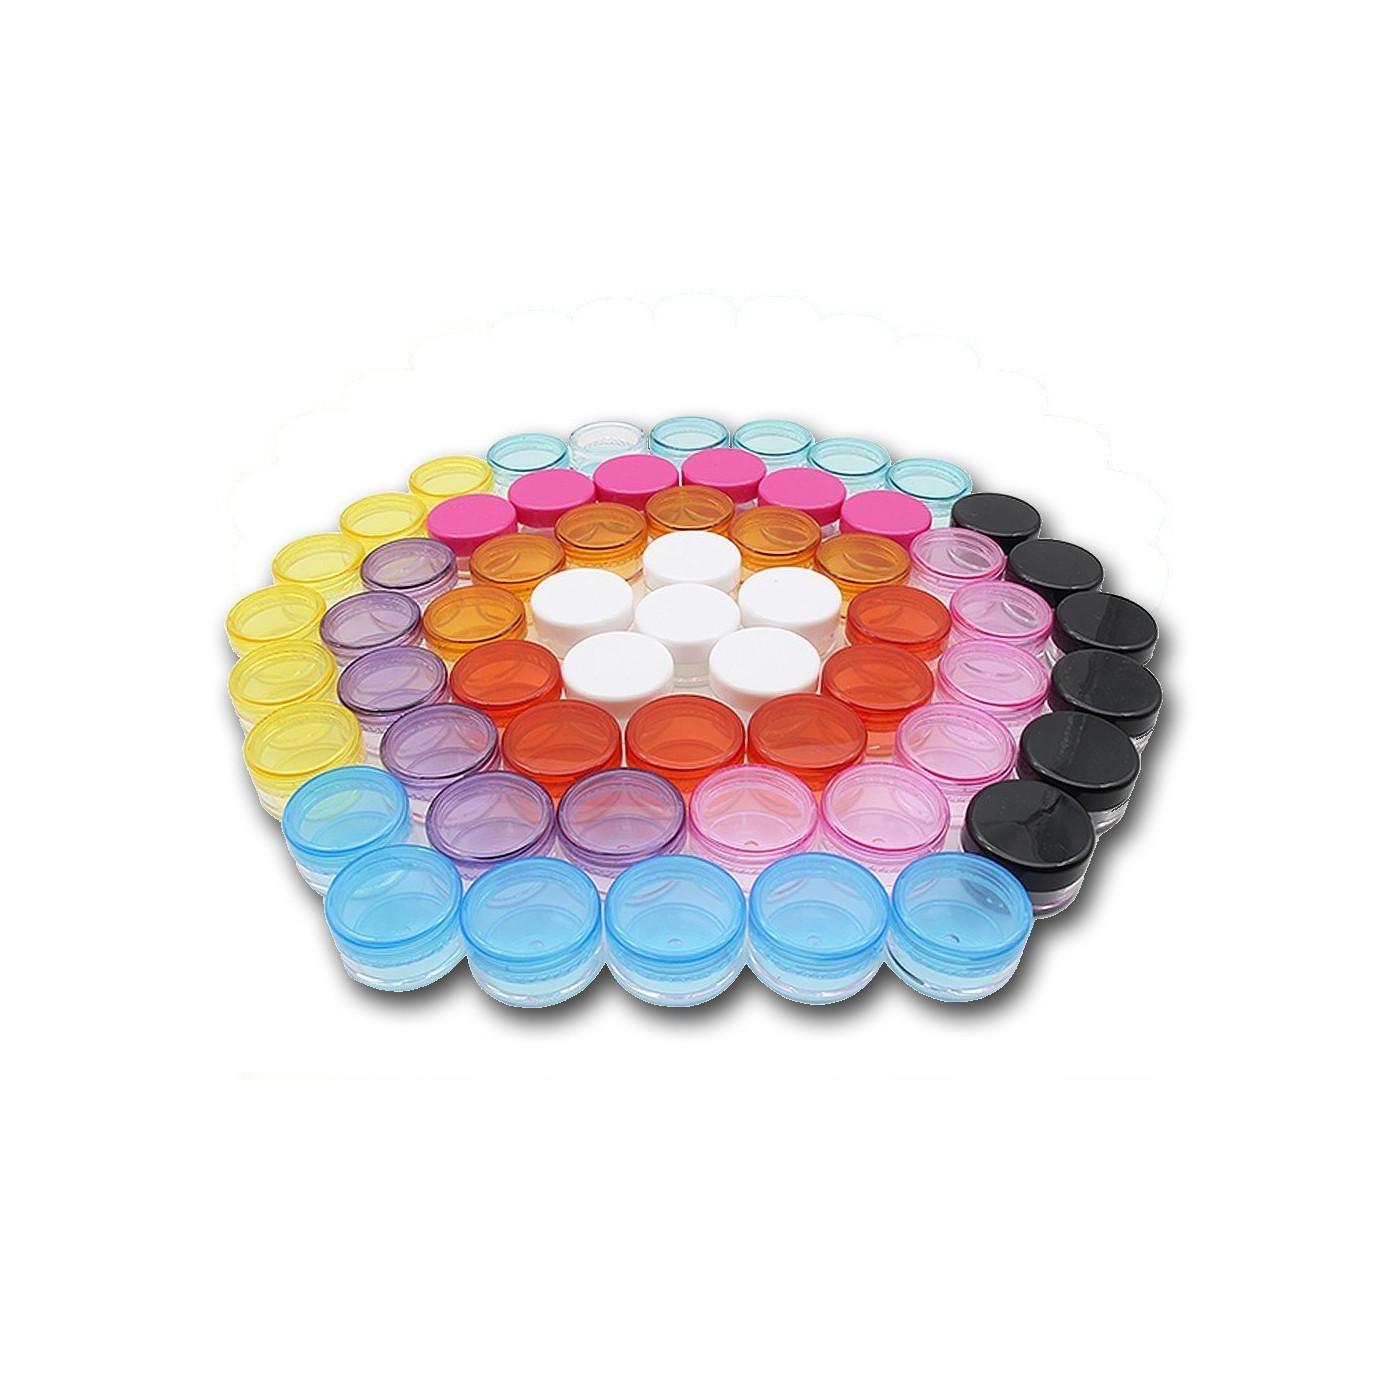 Set von 80 transparenten Plastikgläsern (3 ml, mit Deckel)  - 1